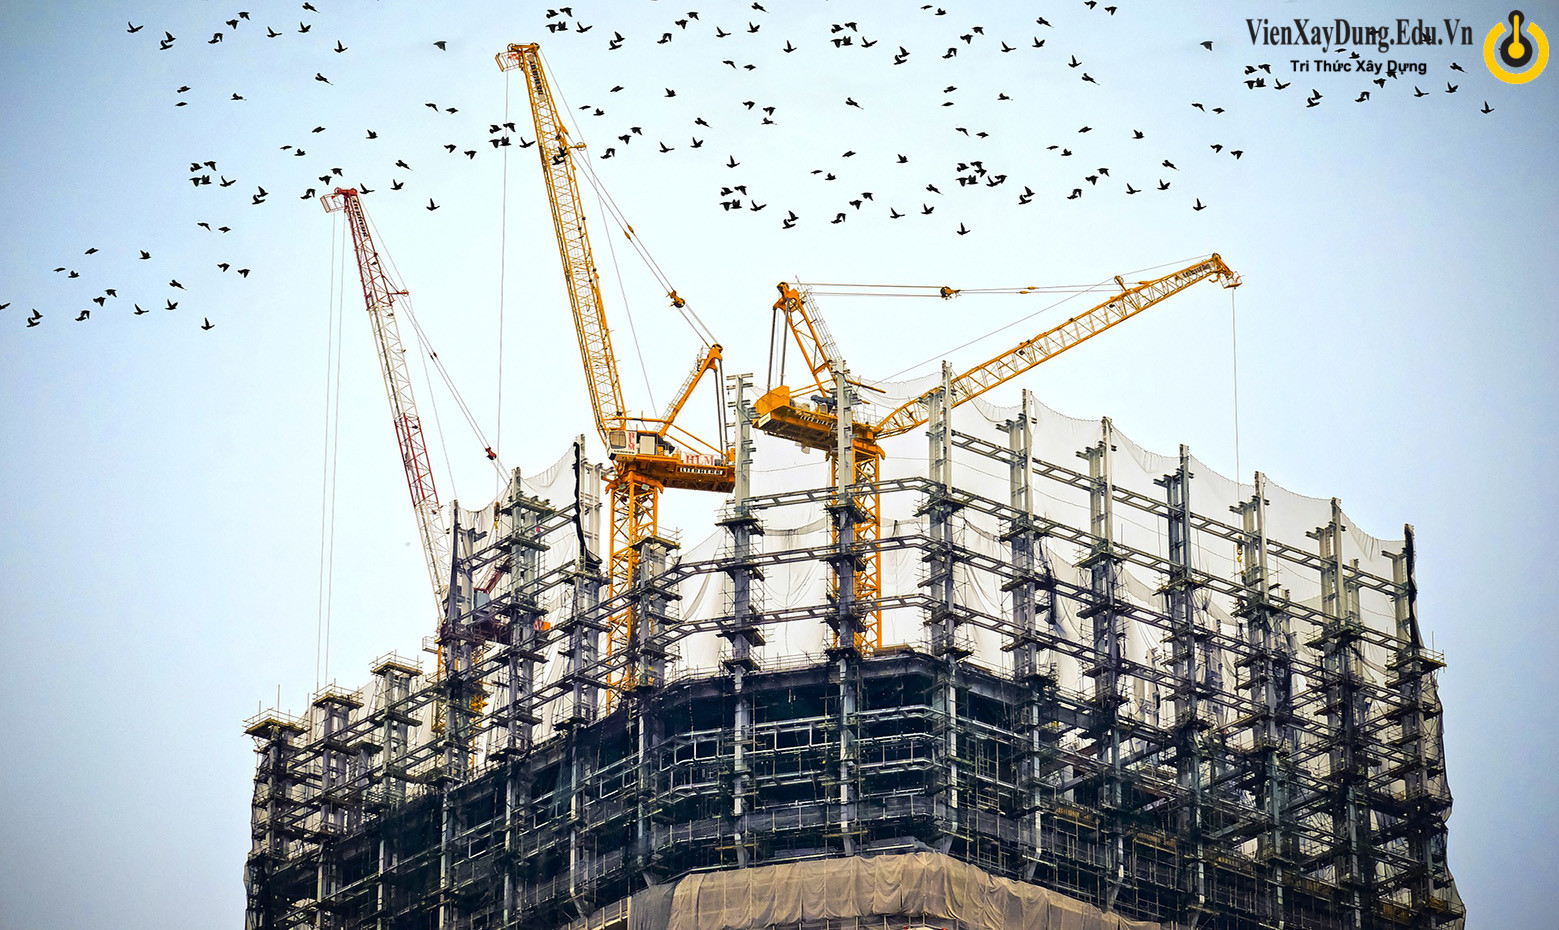 thẩm quyền cấp chứng chỉ năng lực xây dựng